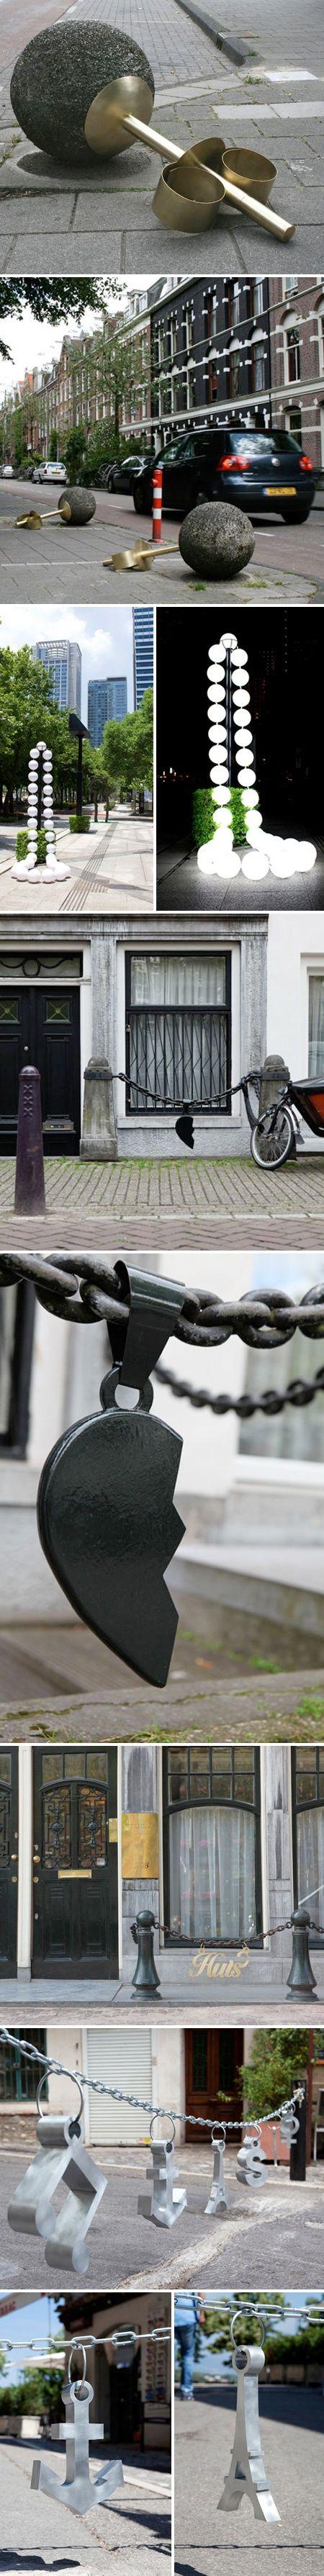 Jewels in the city – Amsterdam – Liesbet Bussche – Liesbet Bussche is a street a